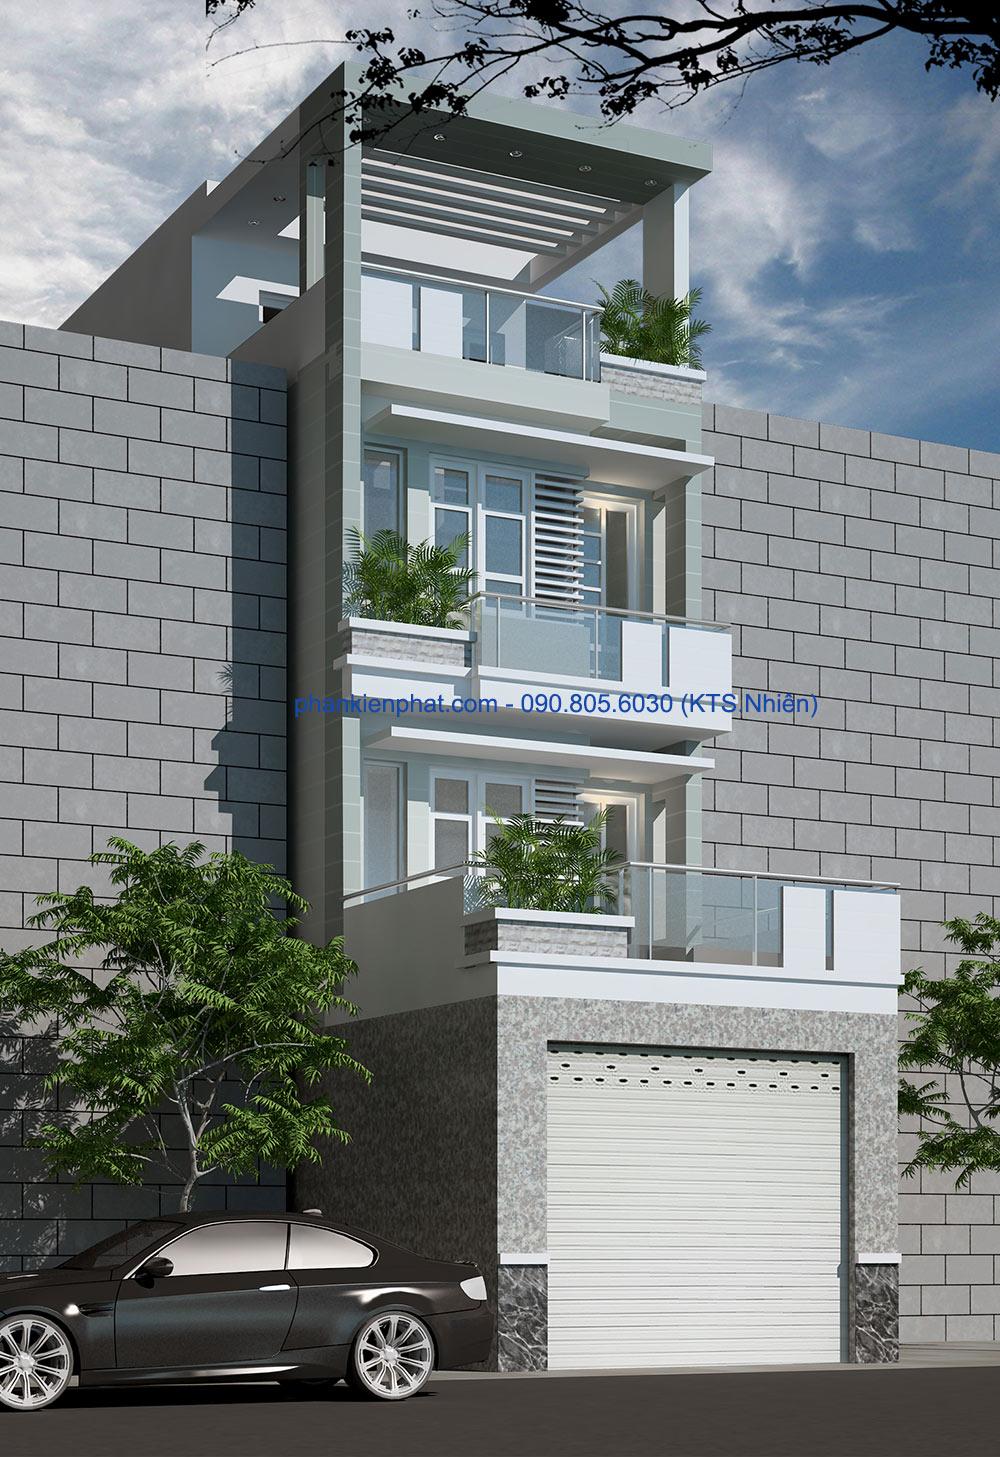 Công trình, Thiết kế nhà 4 tầng, Chú Hữu Lộc